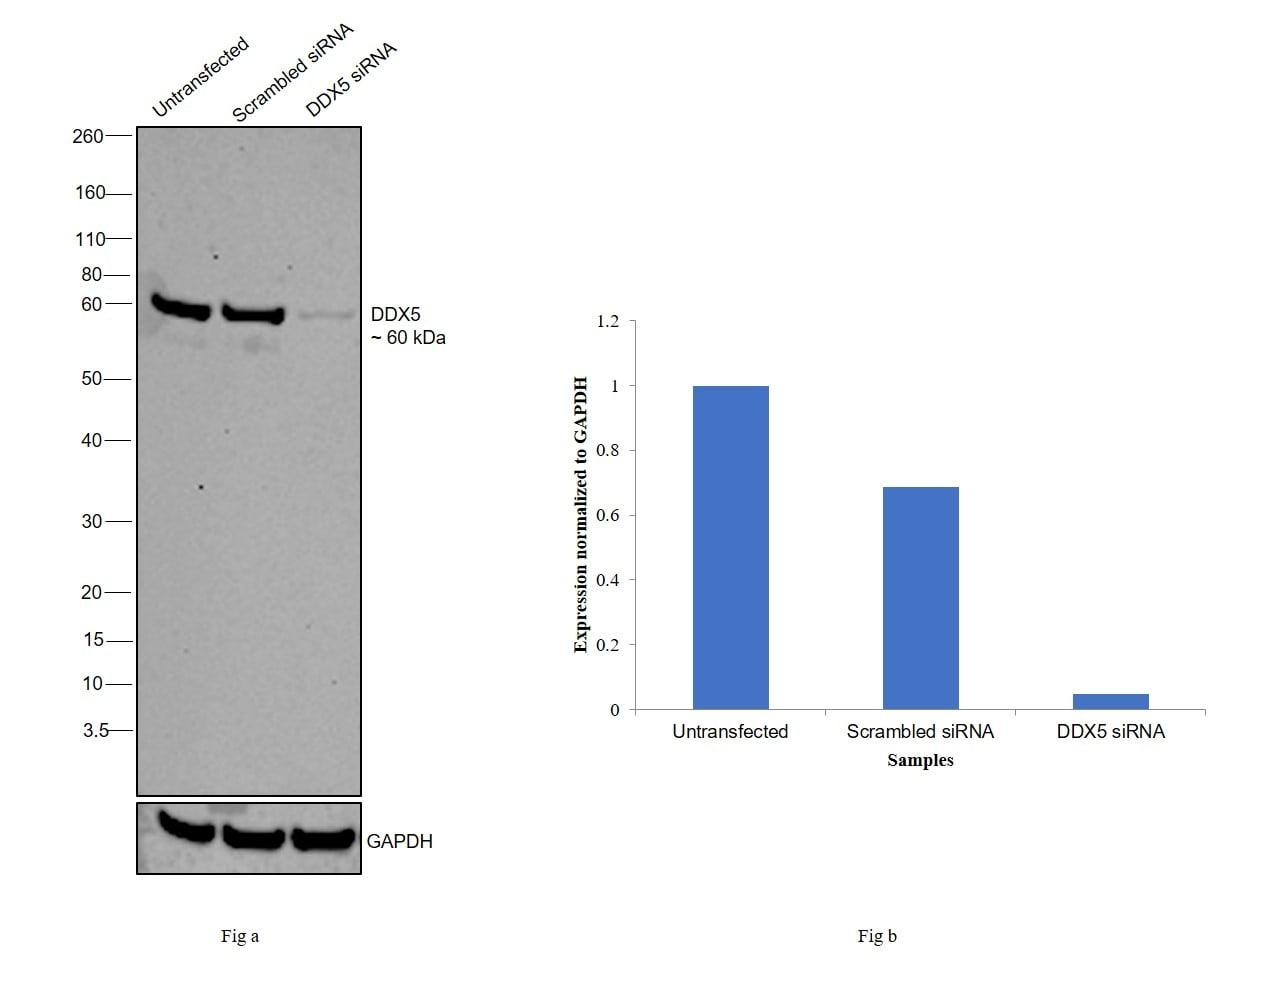 DDX5 Antibody in Knockdown